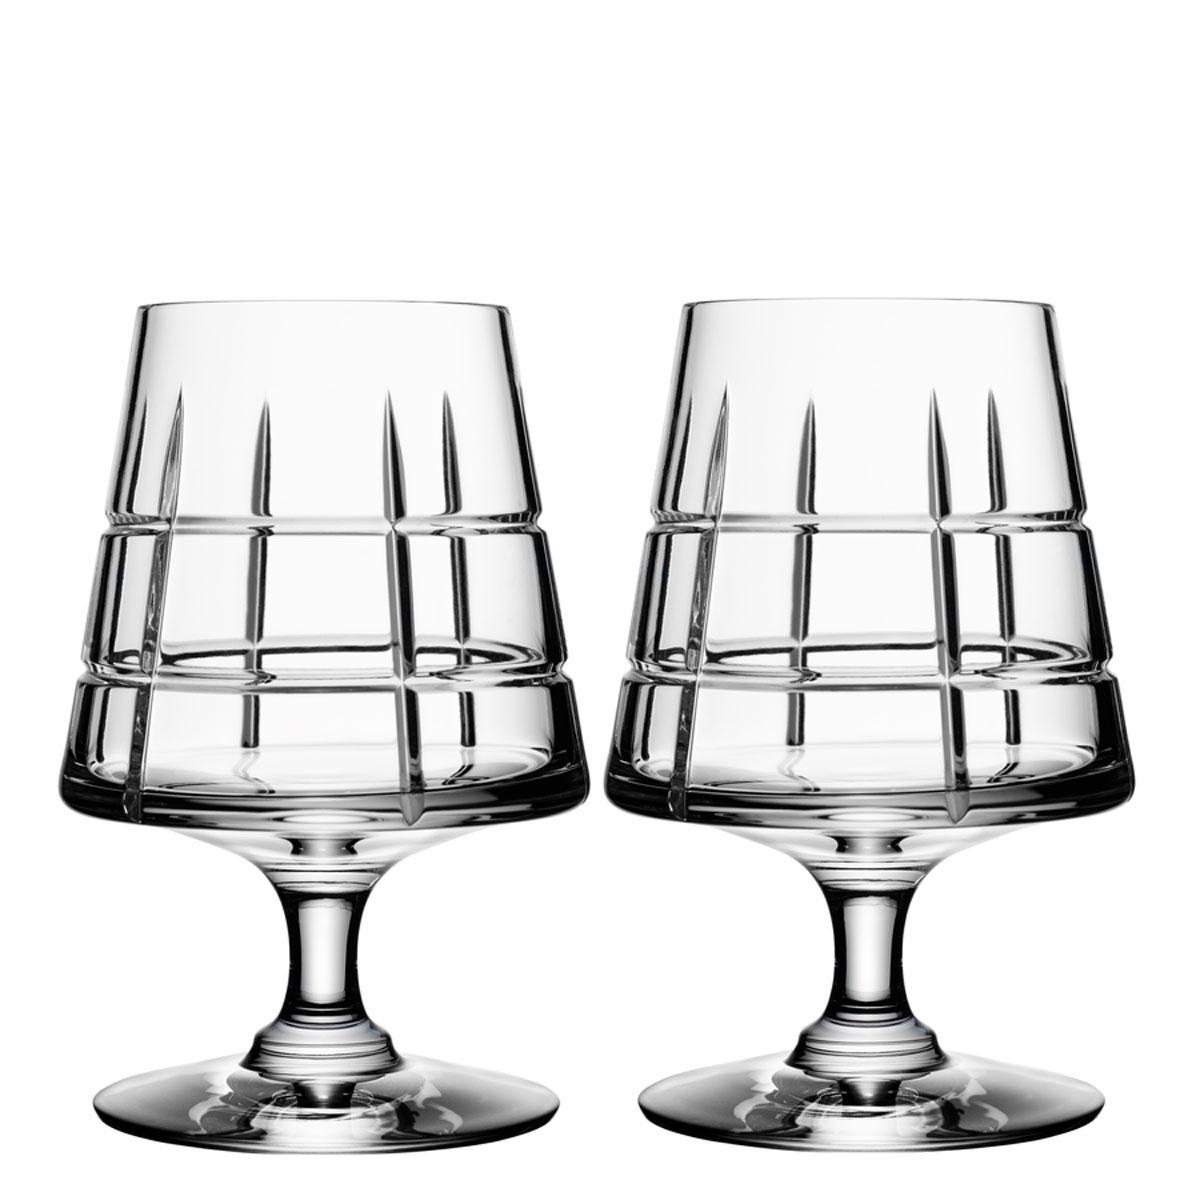 Orrefors Crystal, Street Cognac Crystal Glasses, Pair